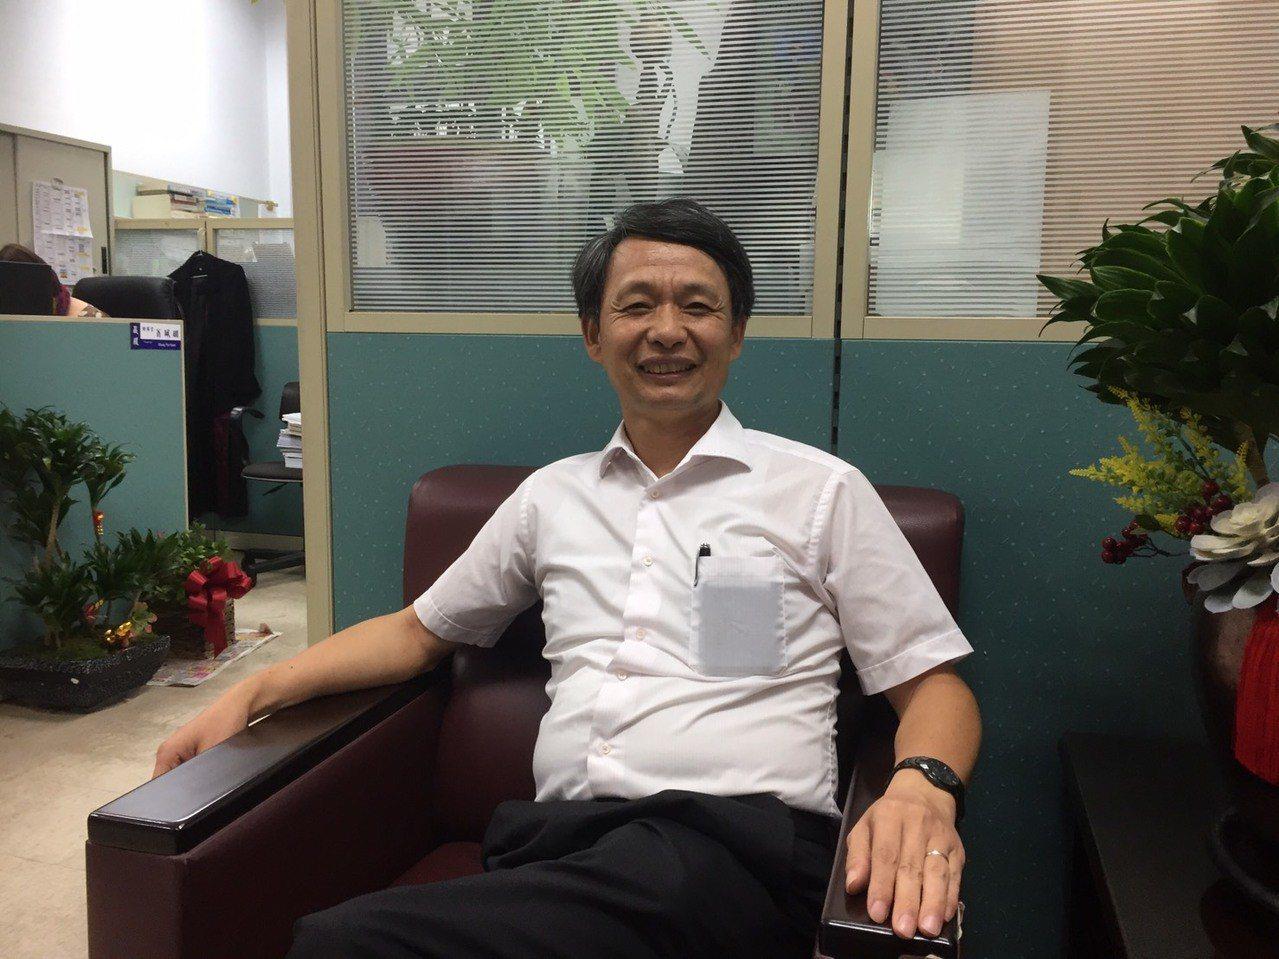 新任廉政署副署長侯寬仁今天接受專訪。記者王聖藜/攝影